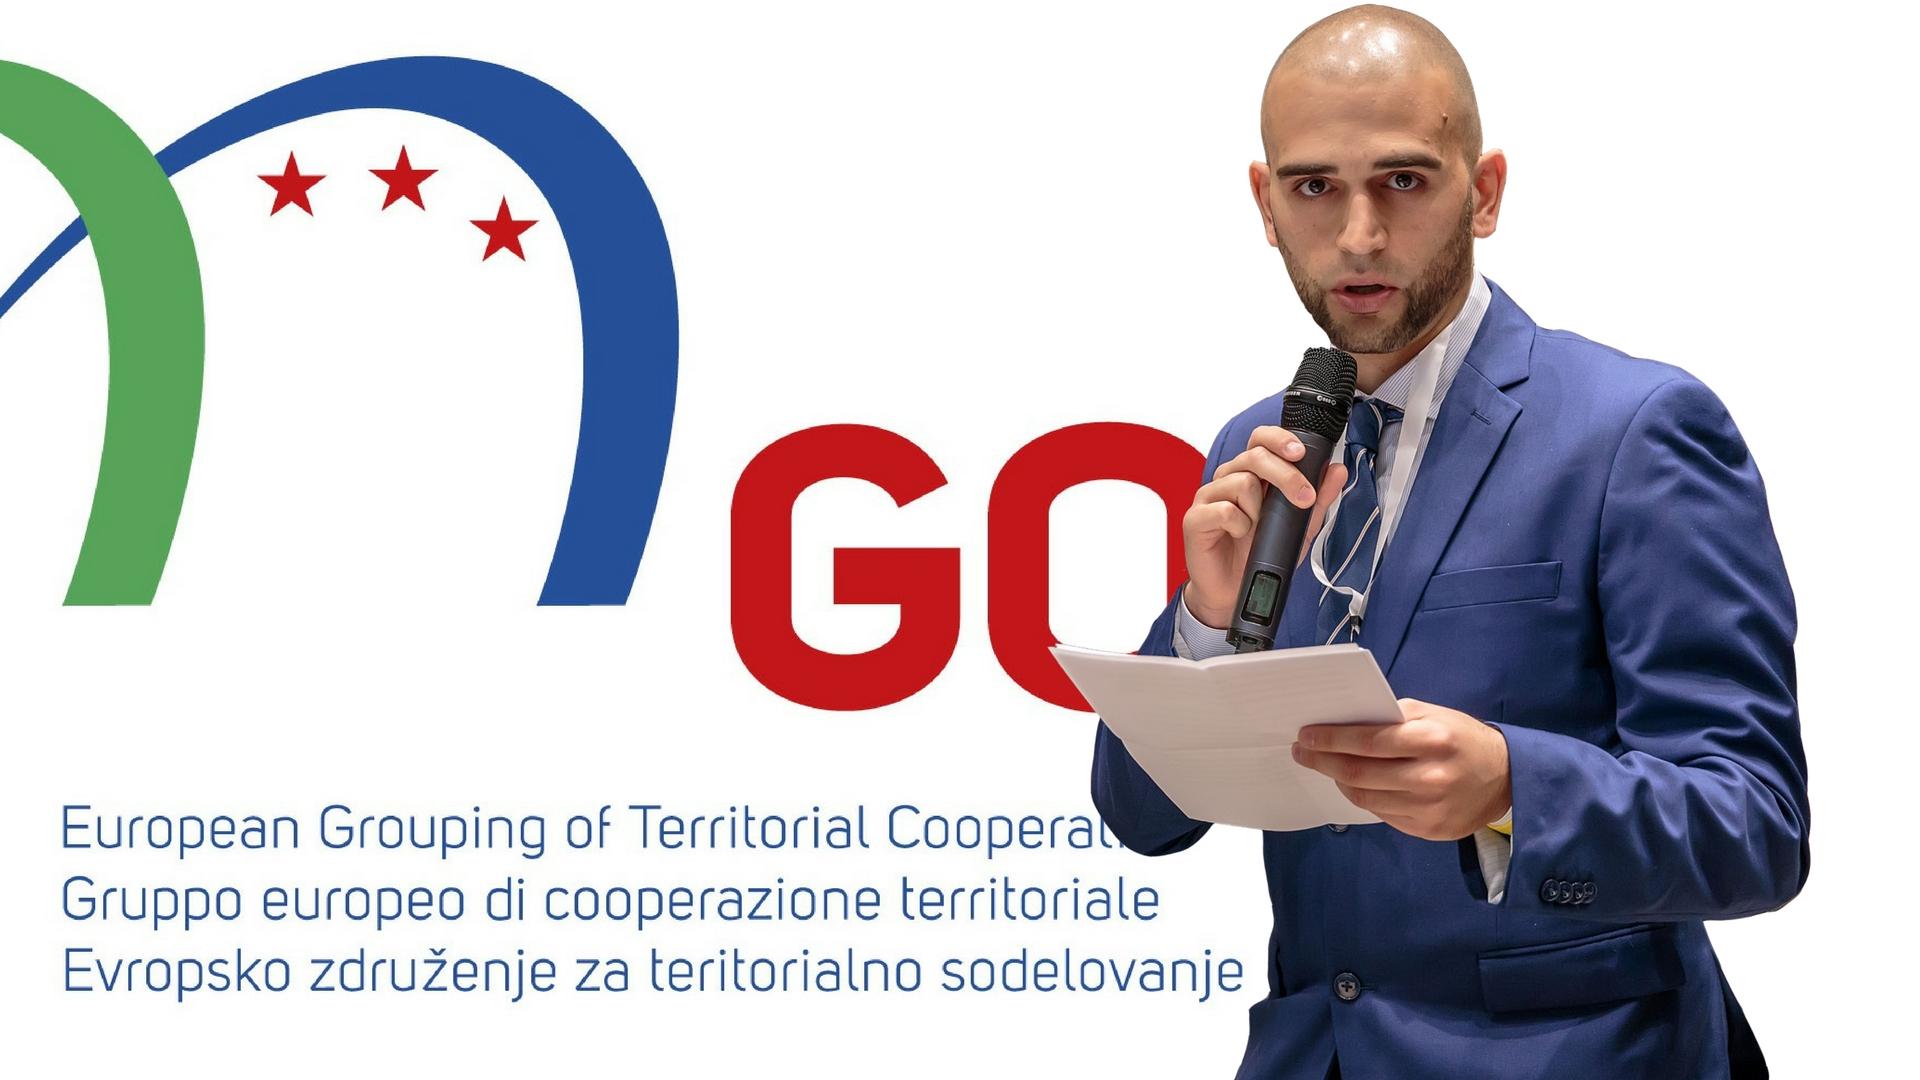 gect go gorizia nova gorica sempeter vrtojba andrea tomasella lega nord consigliere comunale